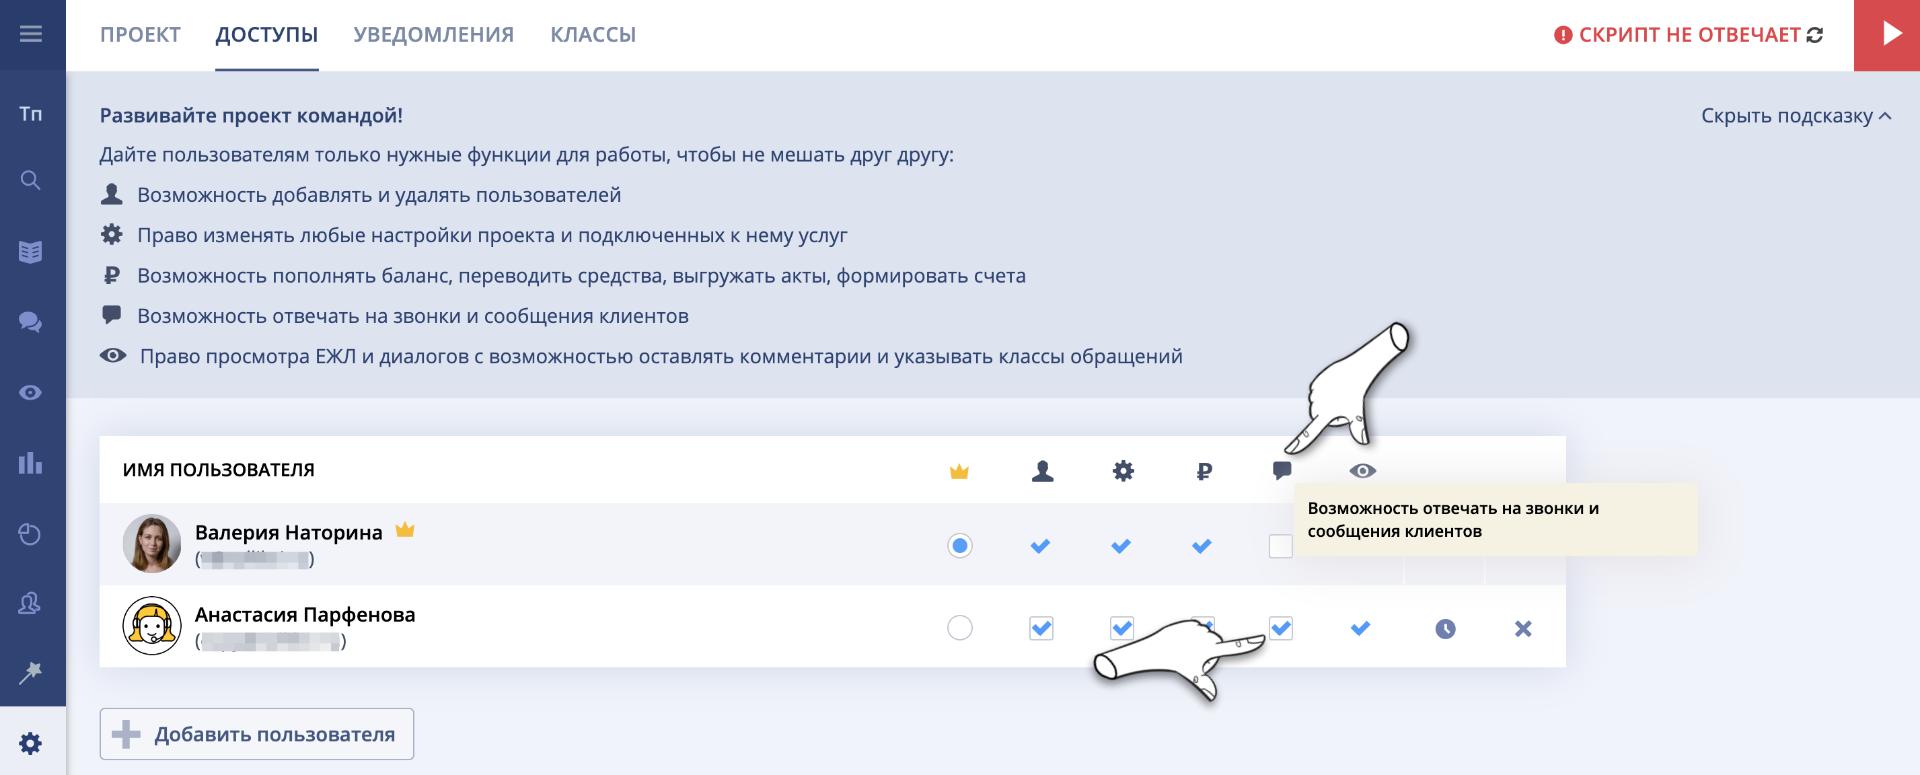 Дать пользователю доступ к Диалогам, чтобы он мог отвечать клиентам